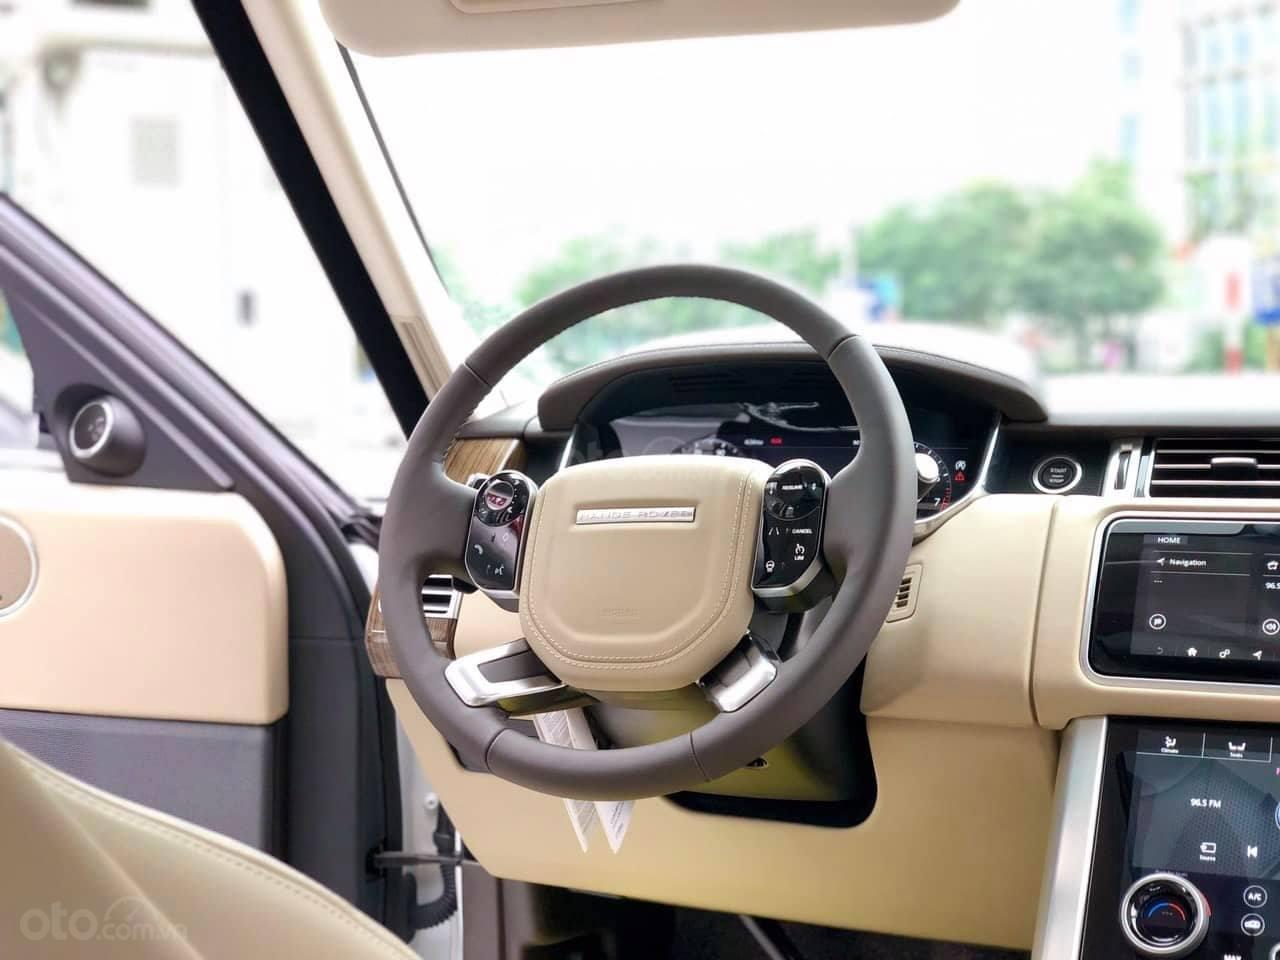 Bán ô tô LandRover Range Rover HSE đời 2018, màu trắng, nhập khẩu nguyên chiếc, LH 0905098888 - 0982.84.2838 (8)